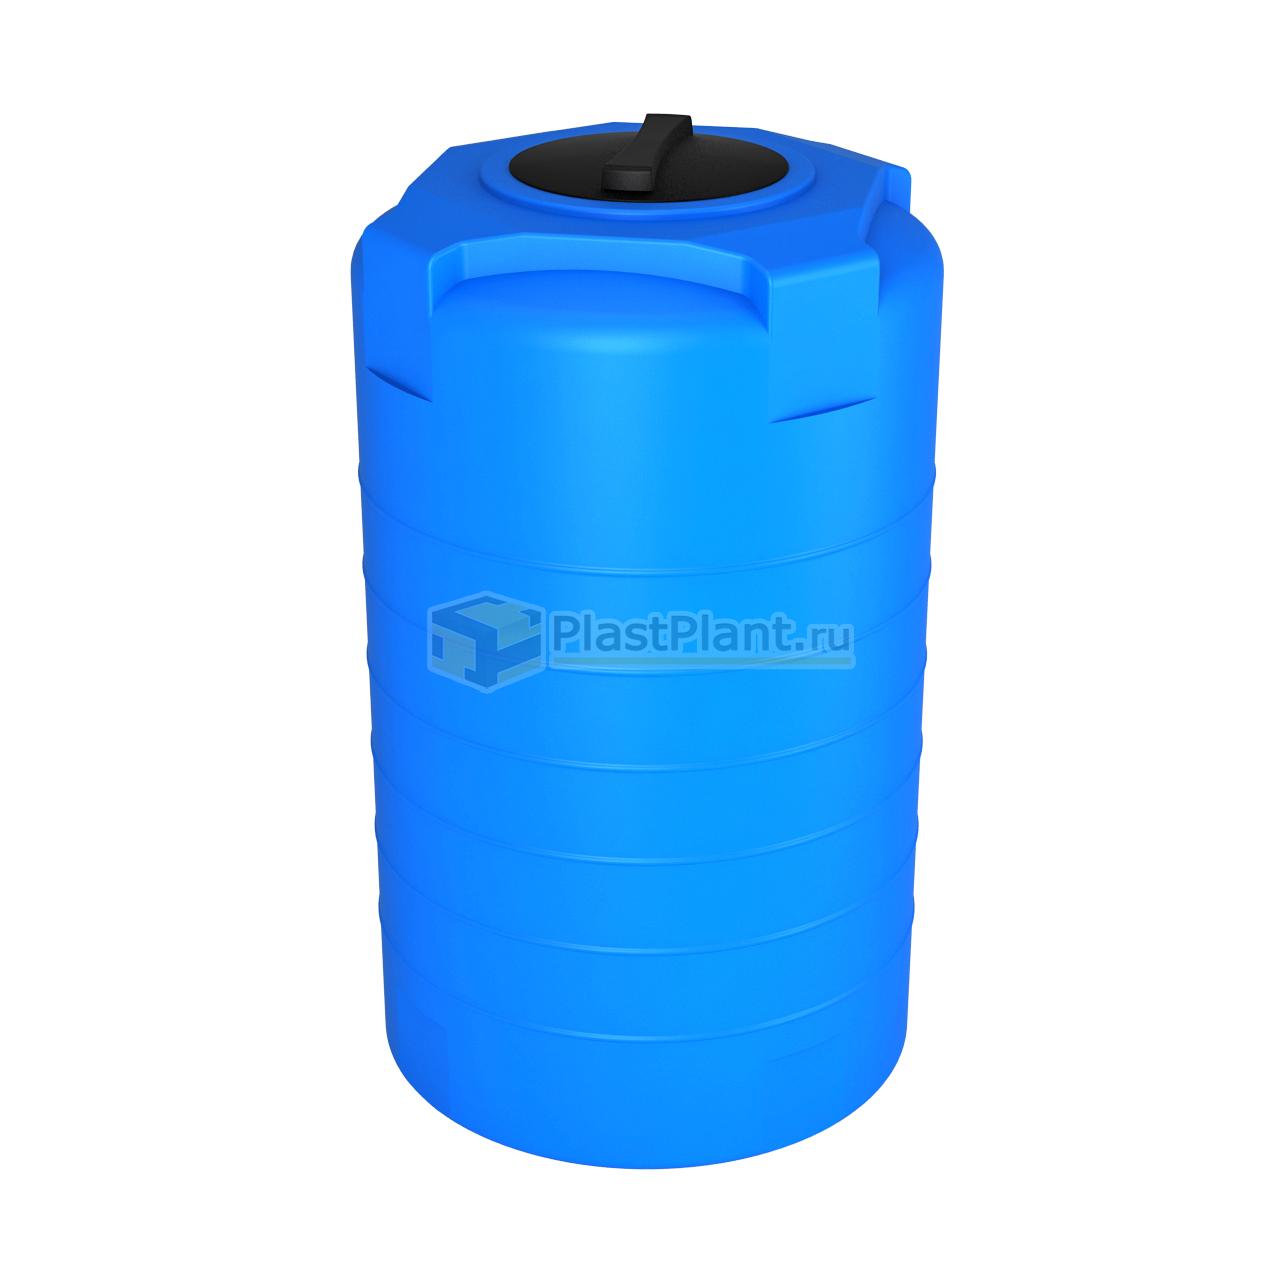 Емкость Т 500 литров (T 500) в компании ПластПлэнт